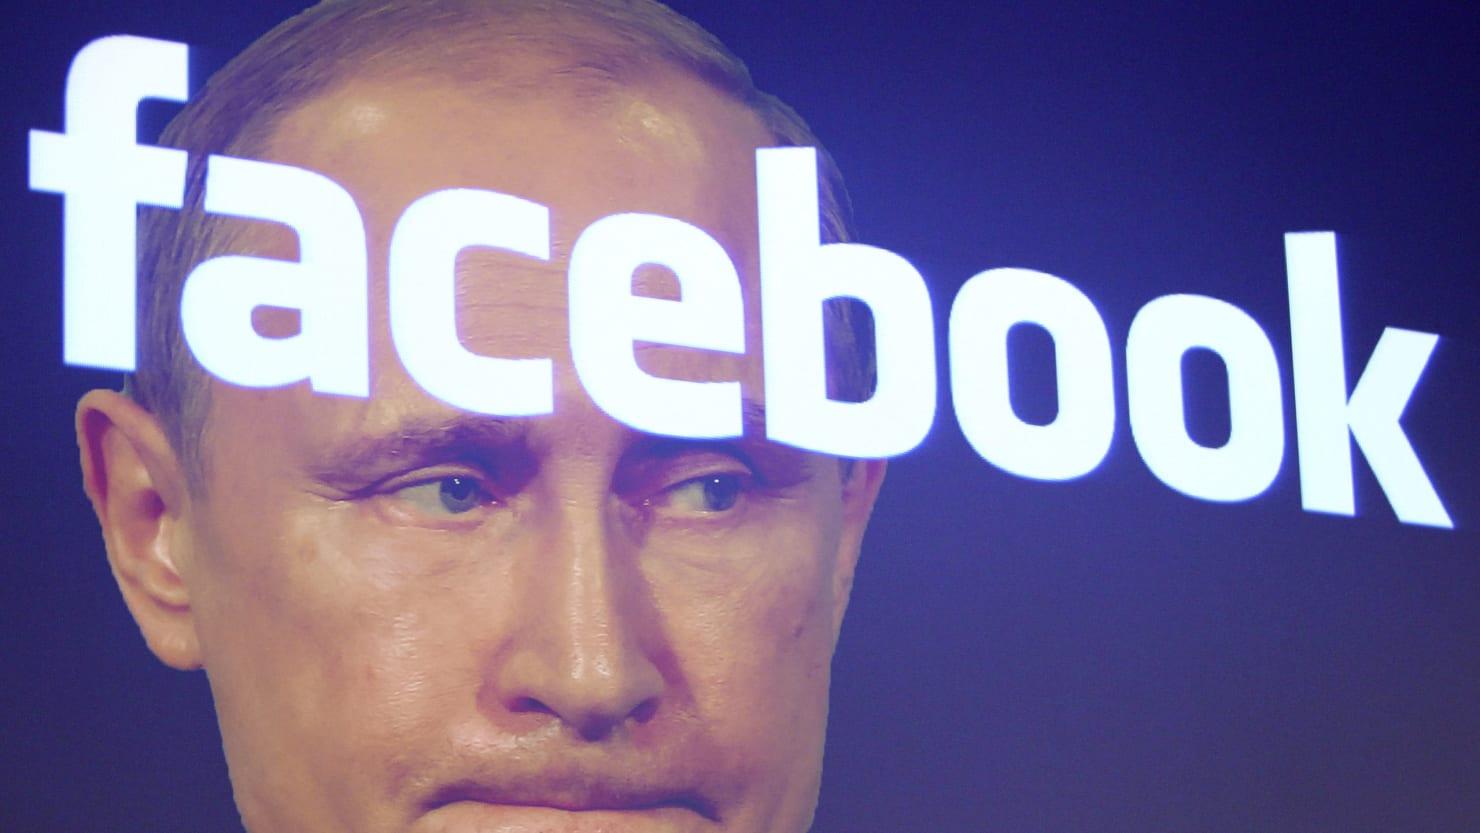 Социальная сеть Facebook обвиняют впрослушке собственных пользователей